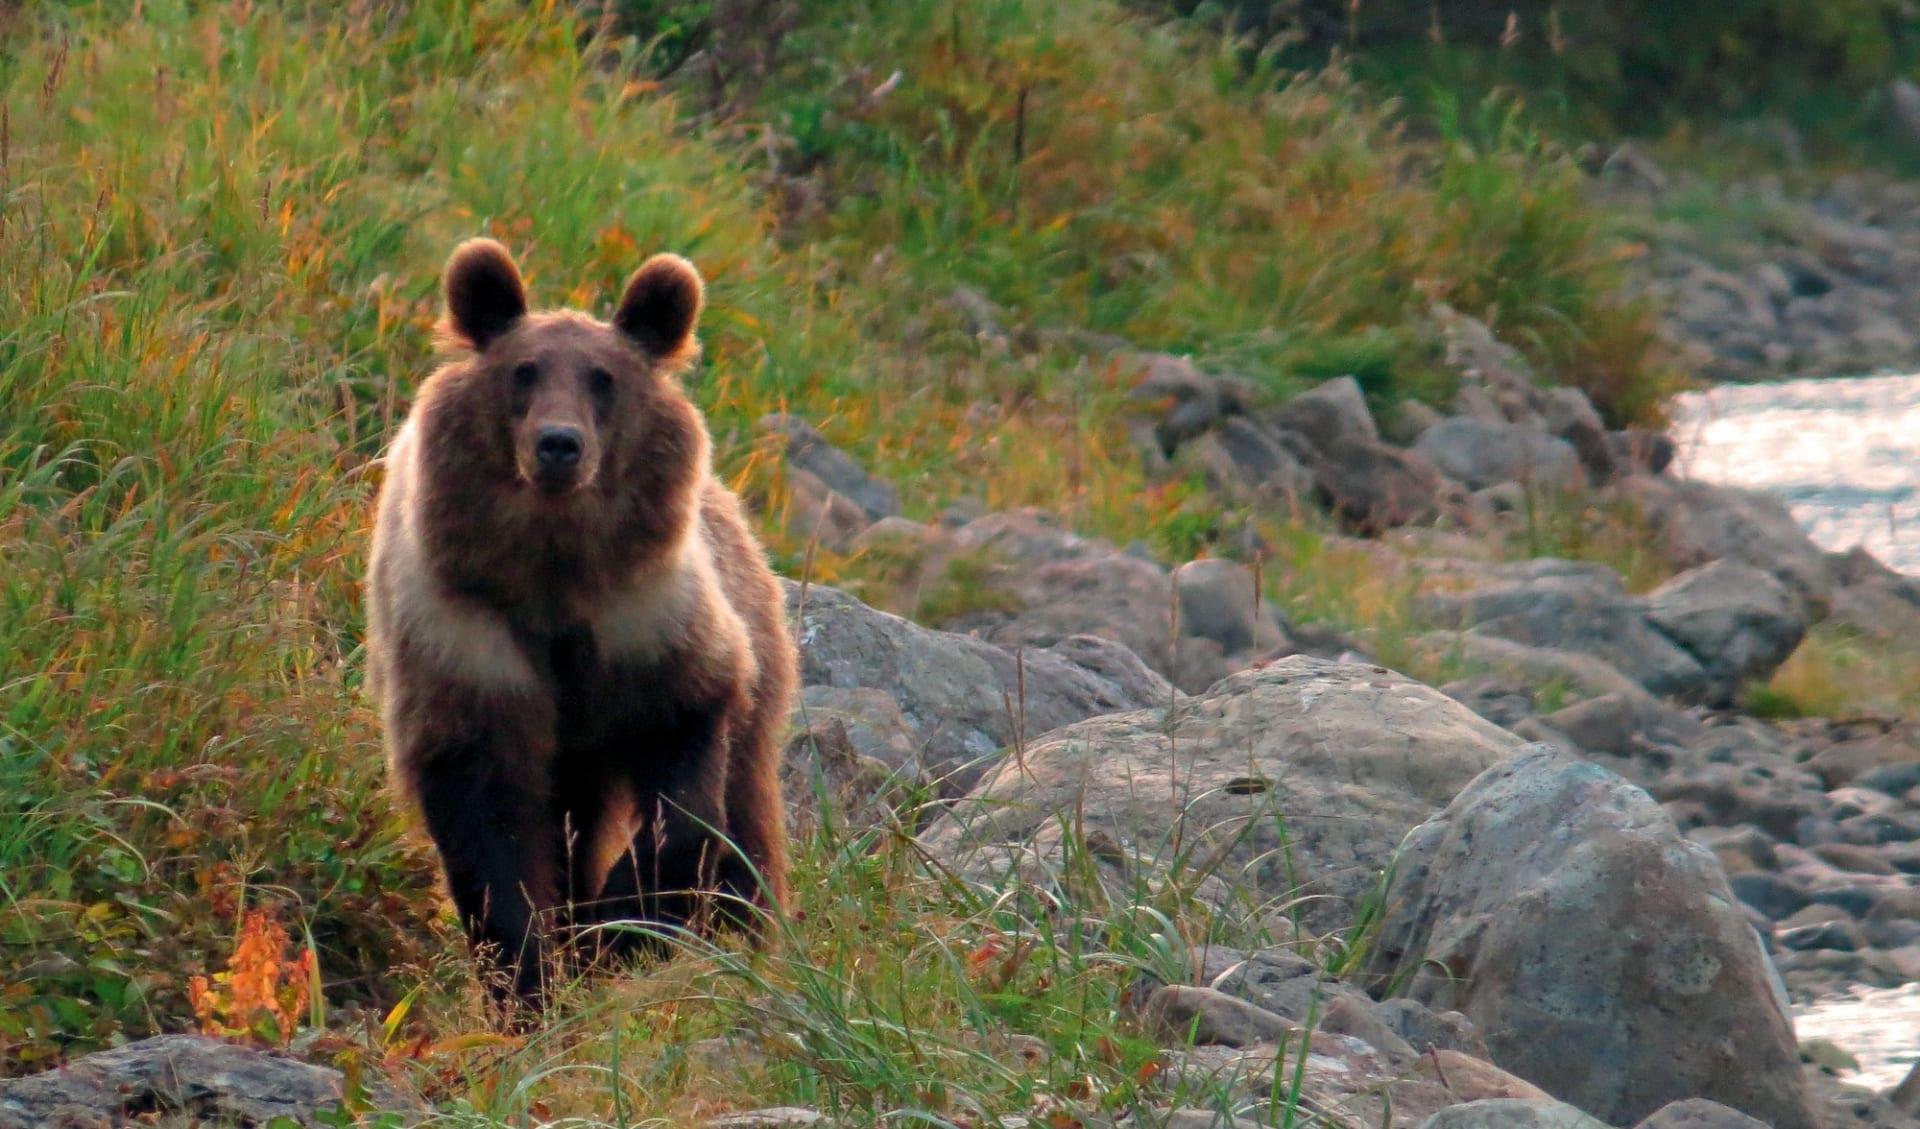 Vulkane, Geysire und Bären ab Petropawlowsk-Kamtschatka: Vulkane, Geysire und Bären_Bär